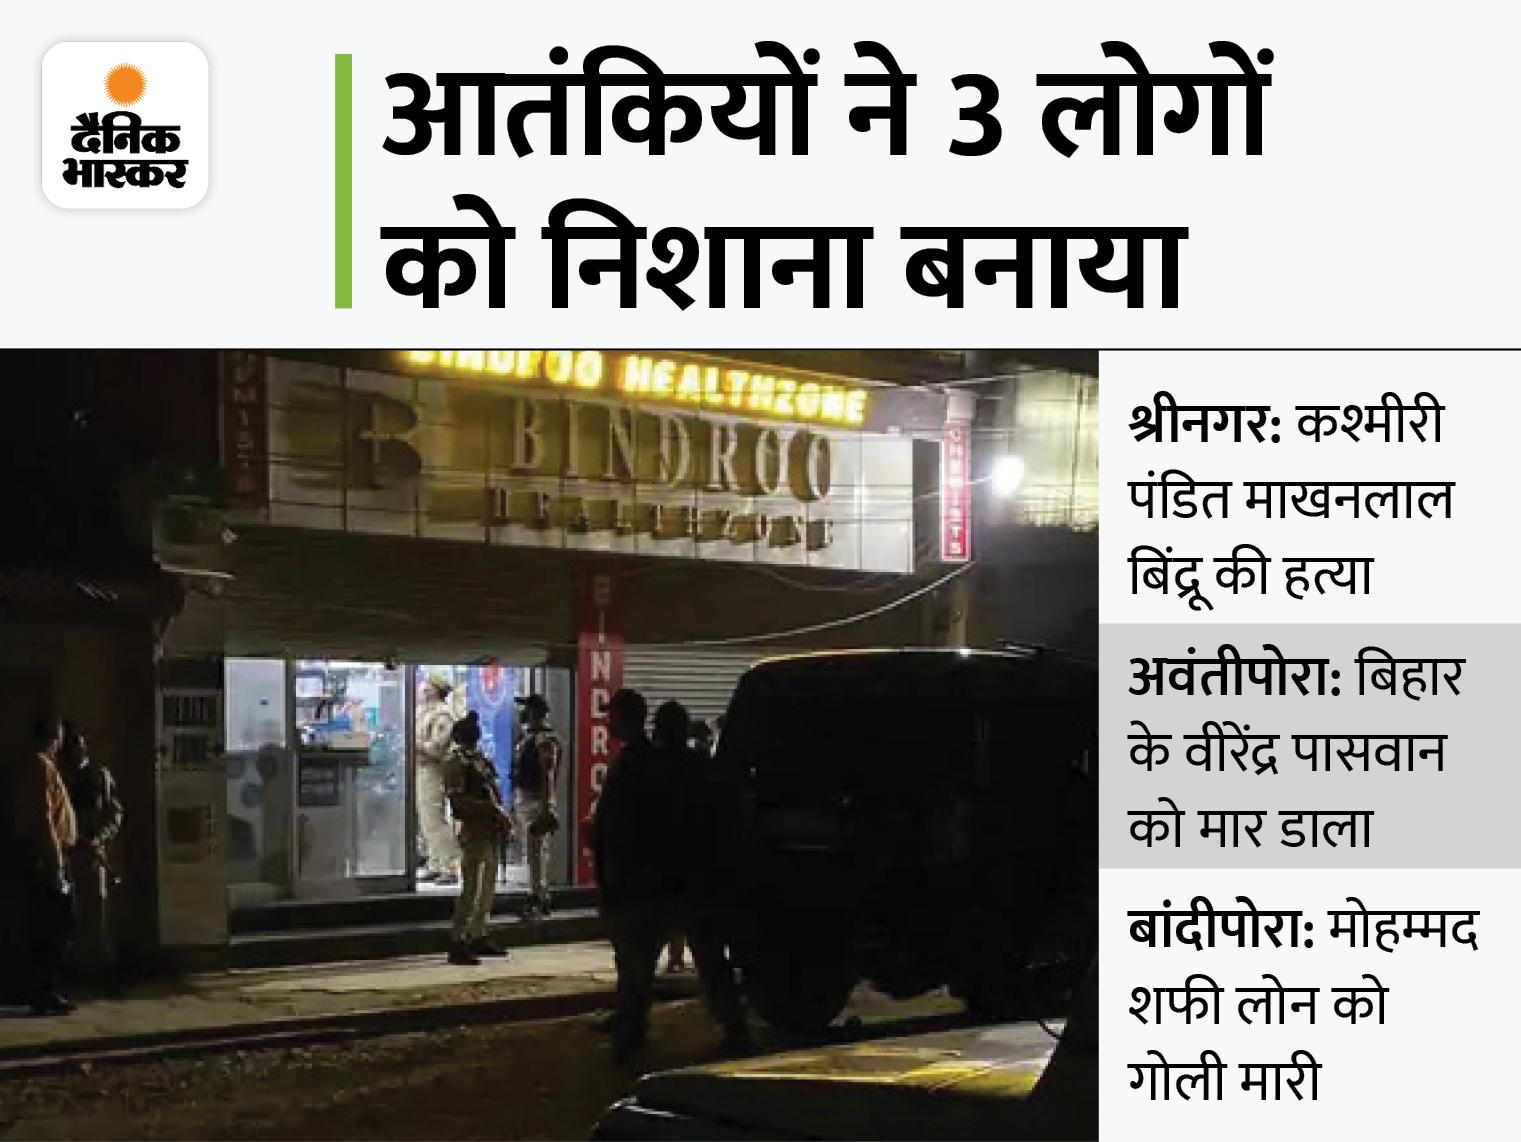 1990 के दौर में भी घाटी नहीं छोड़ने वाले कश्मीरी पंडित की दुकान में घुसकर हत्या, बिहार के फेरीवाले को भी मारा|देश,National - Dainik Bhaskar